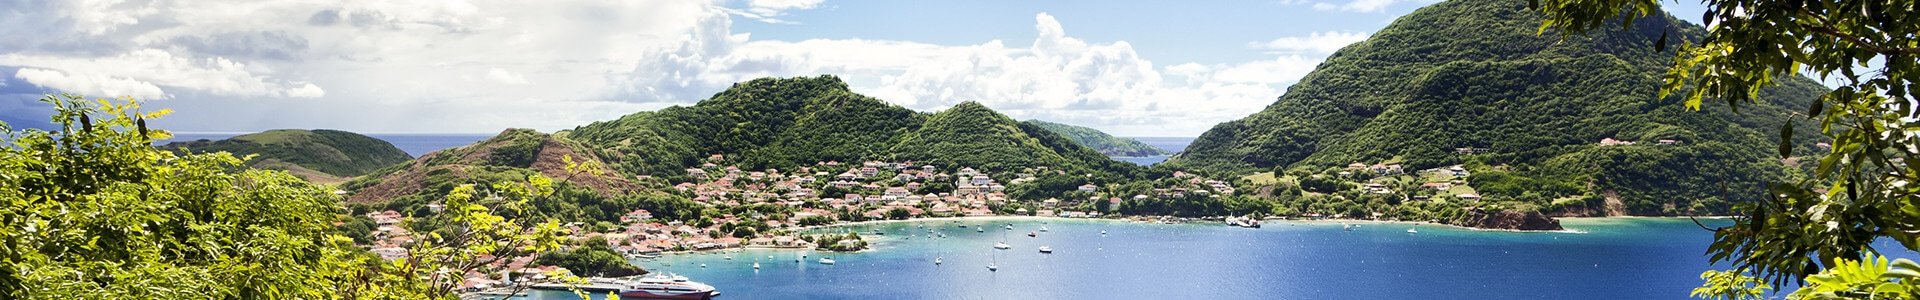 Voyage à la Guadeloupe - TUI